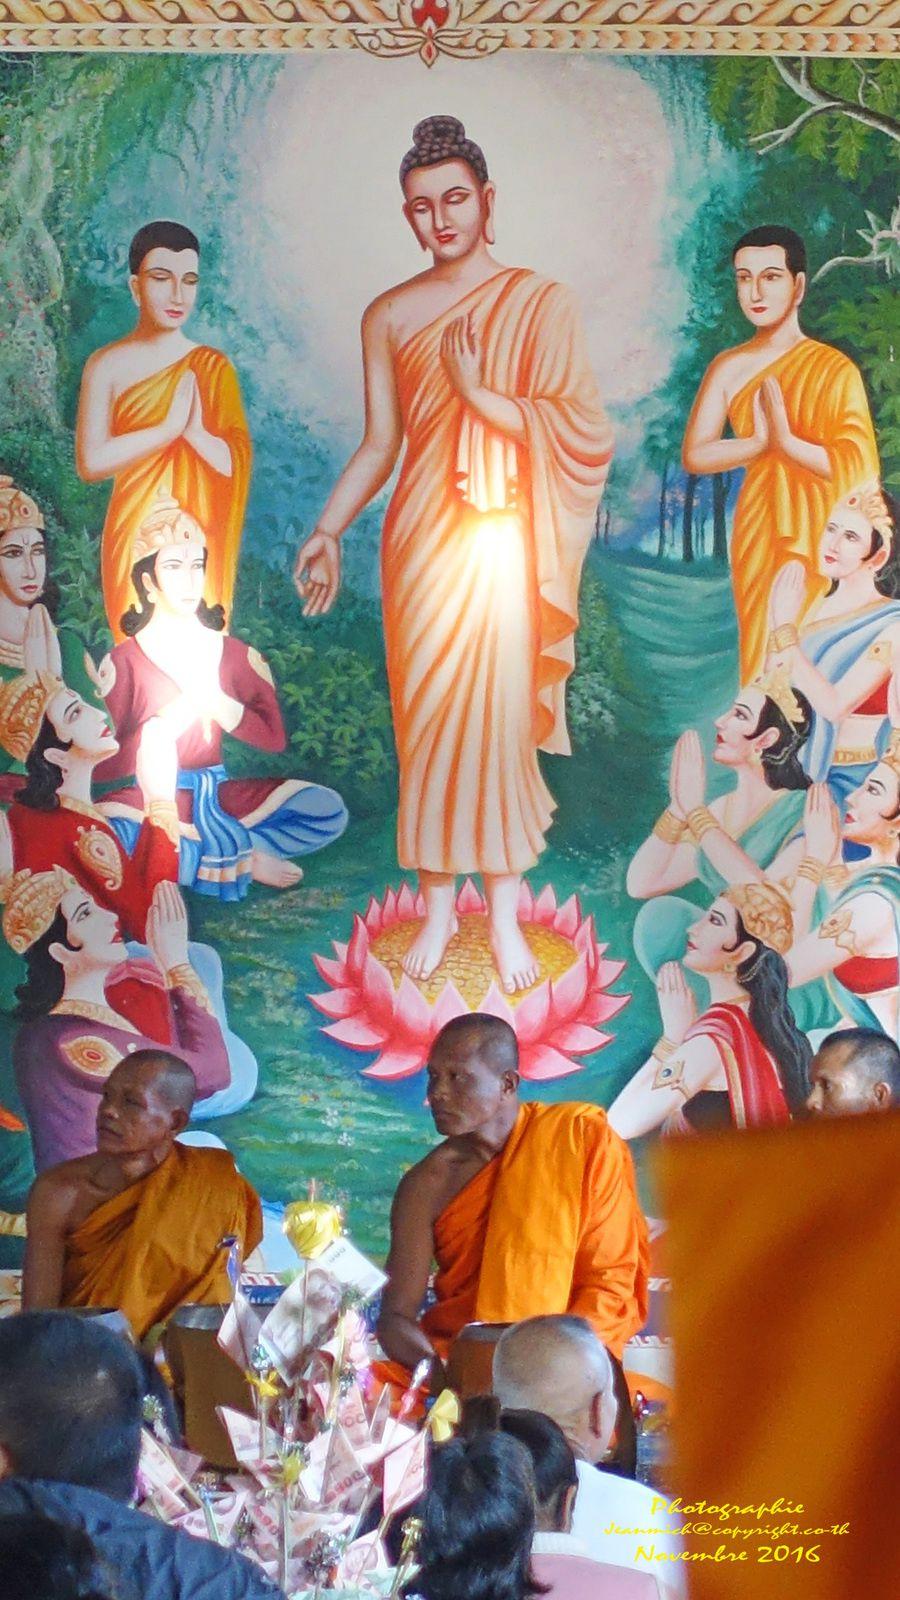 Cérémonie au temple du village (Thaïlande Isaan)